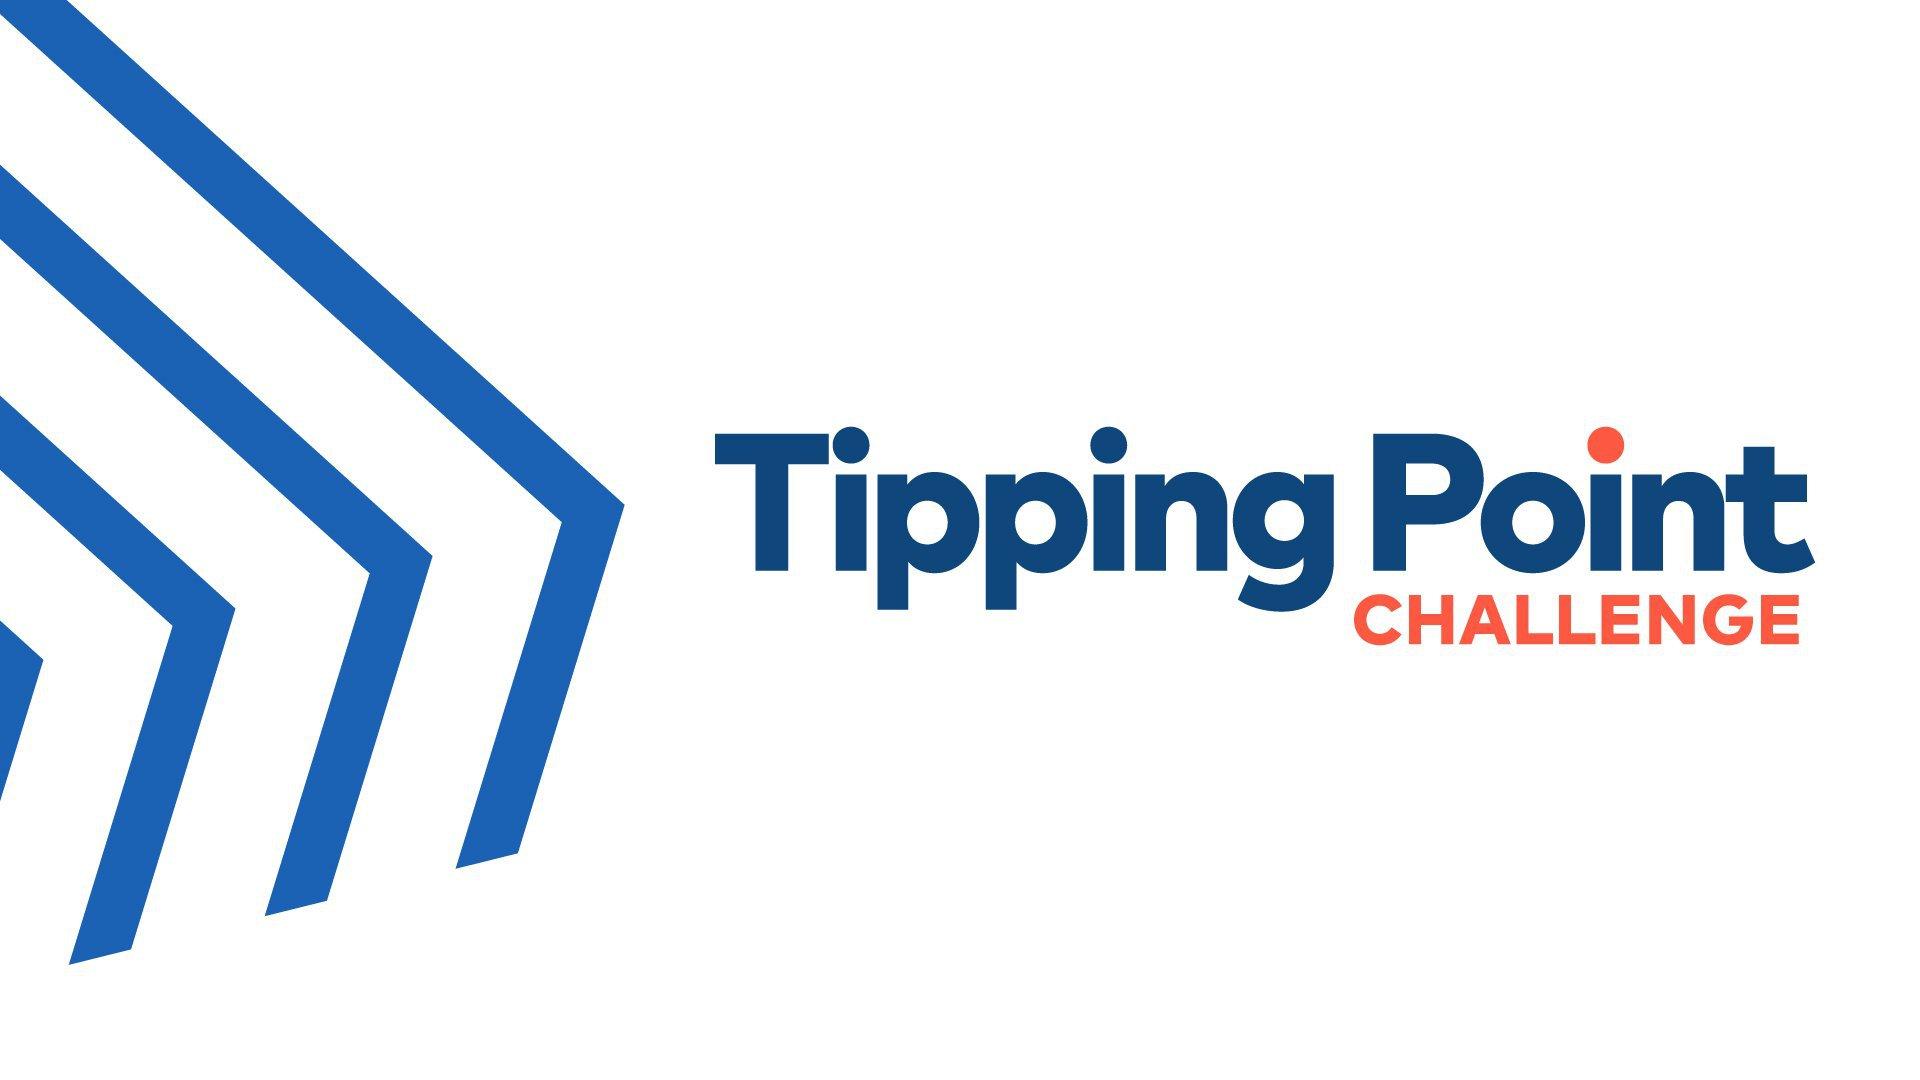 https://palliativeinpractice.org/wp-content/uploads/TippingPointChallenge.jpg